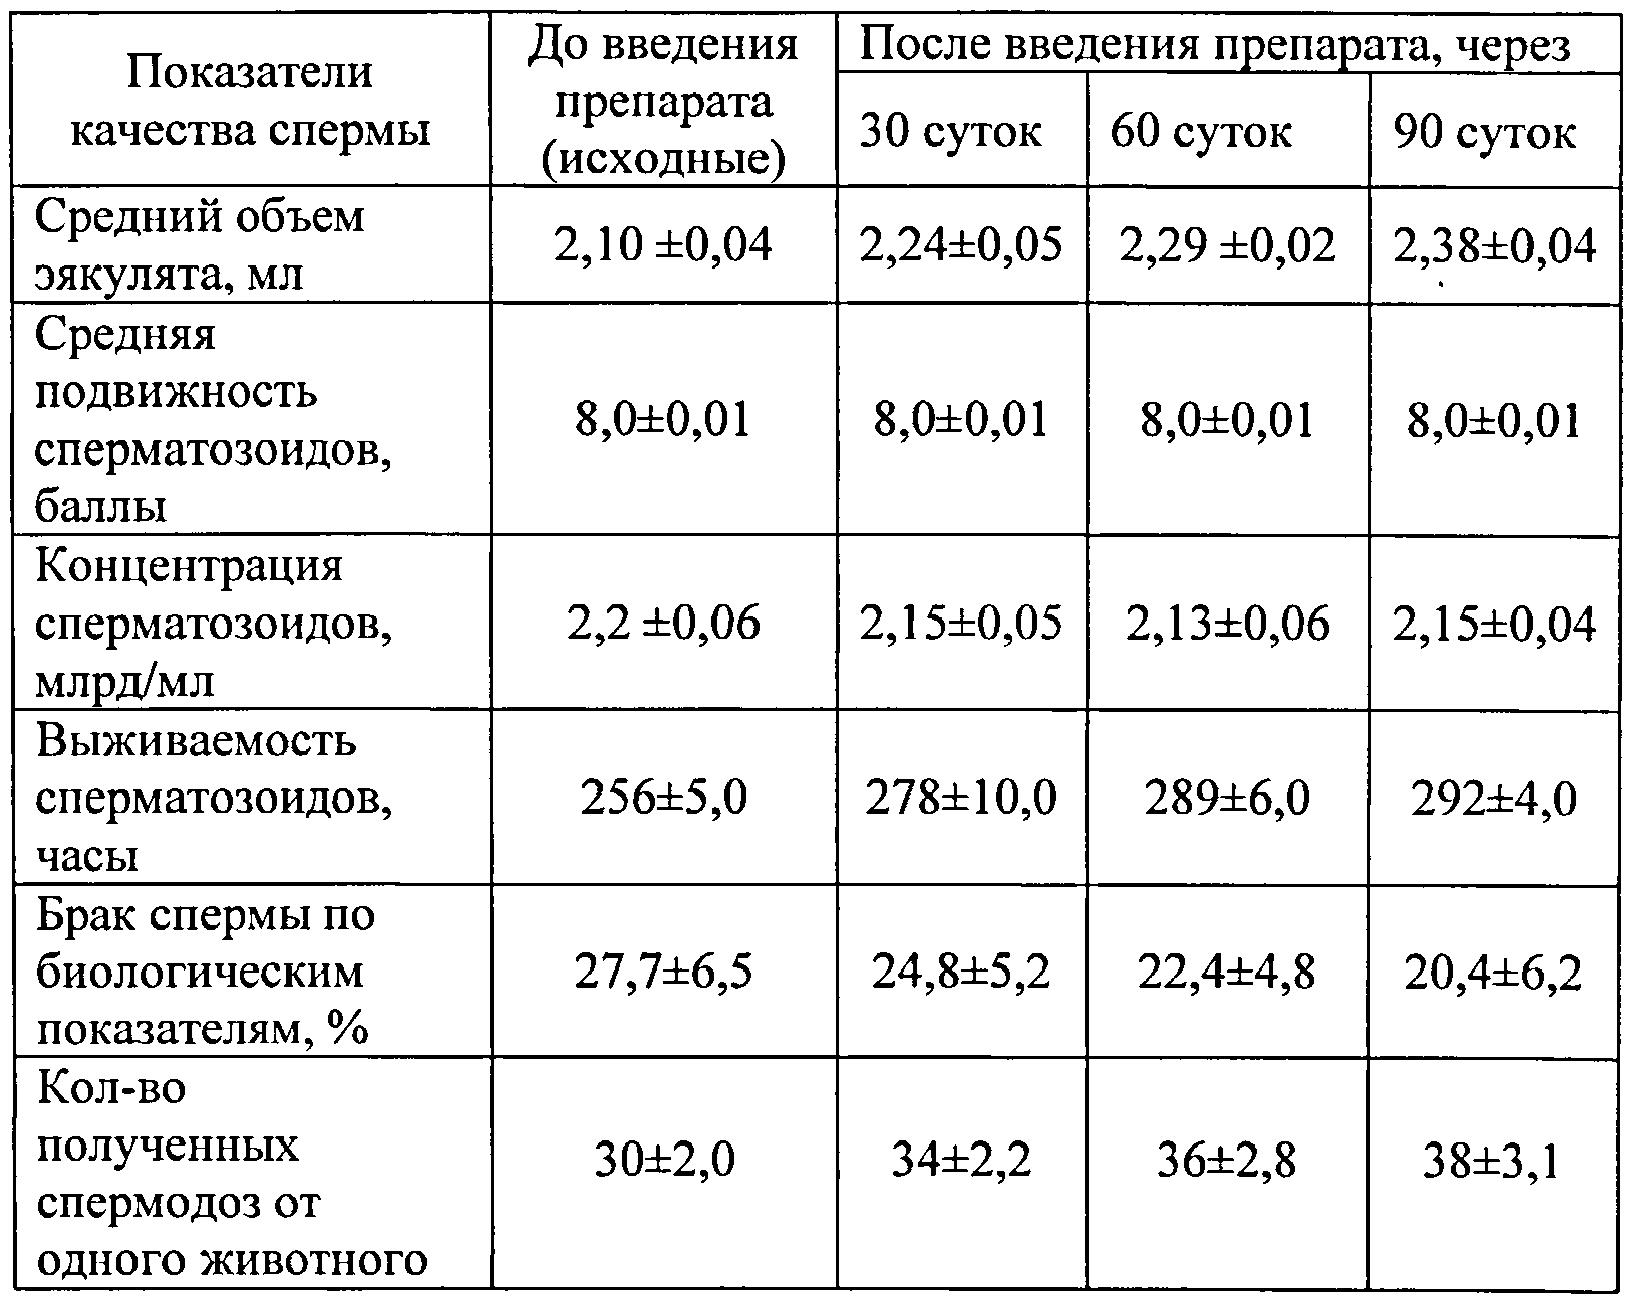 obyavleniya-dlya-seksa-lvov